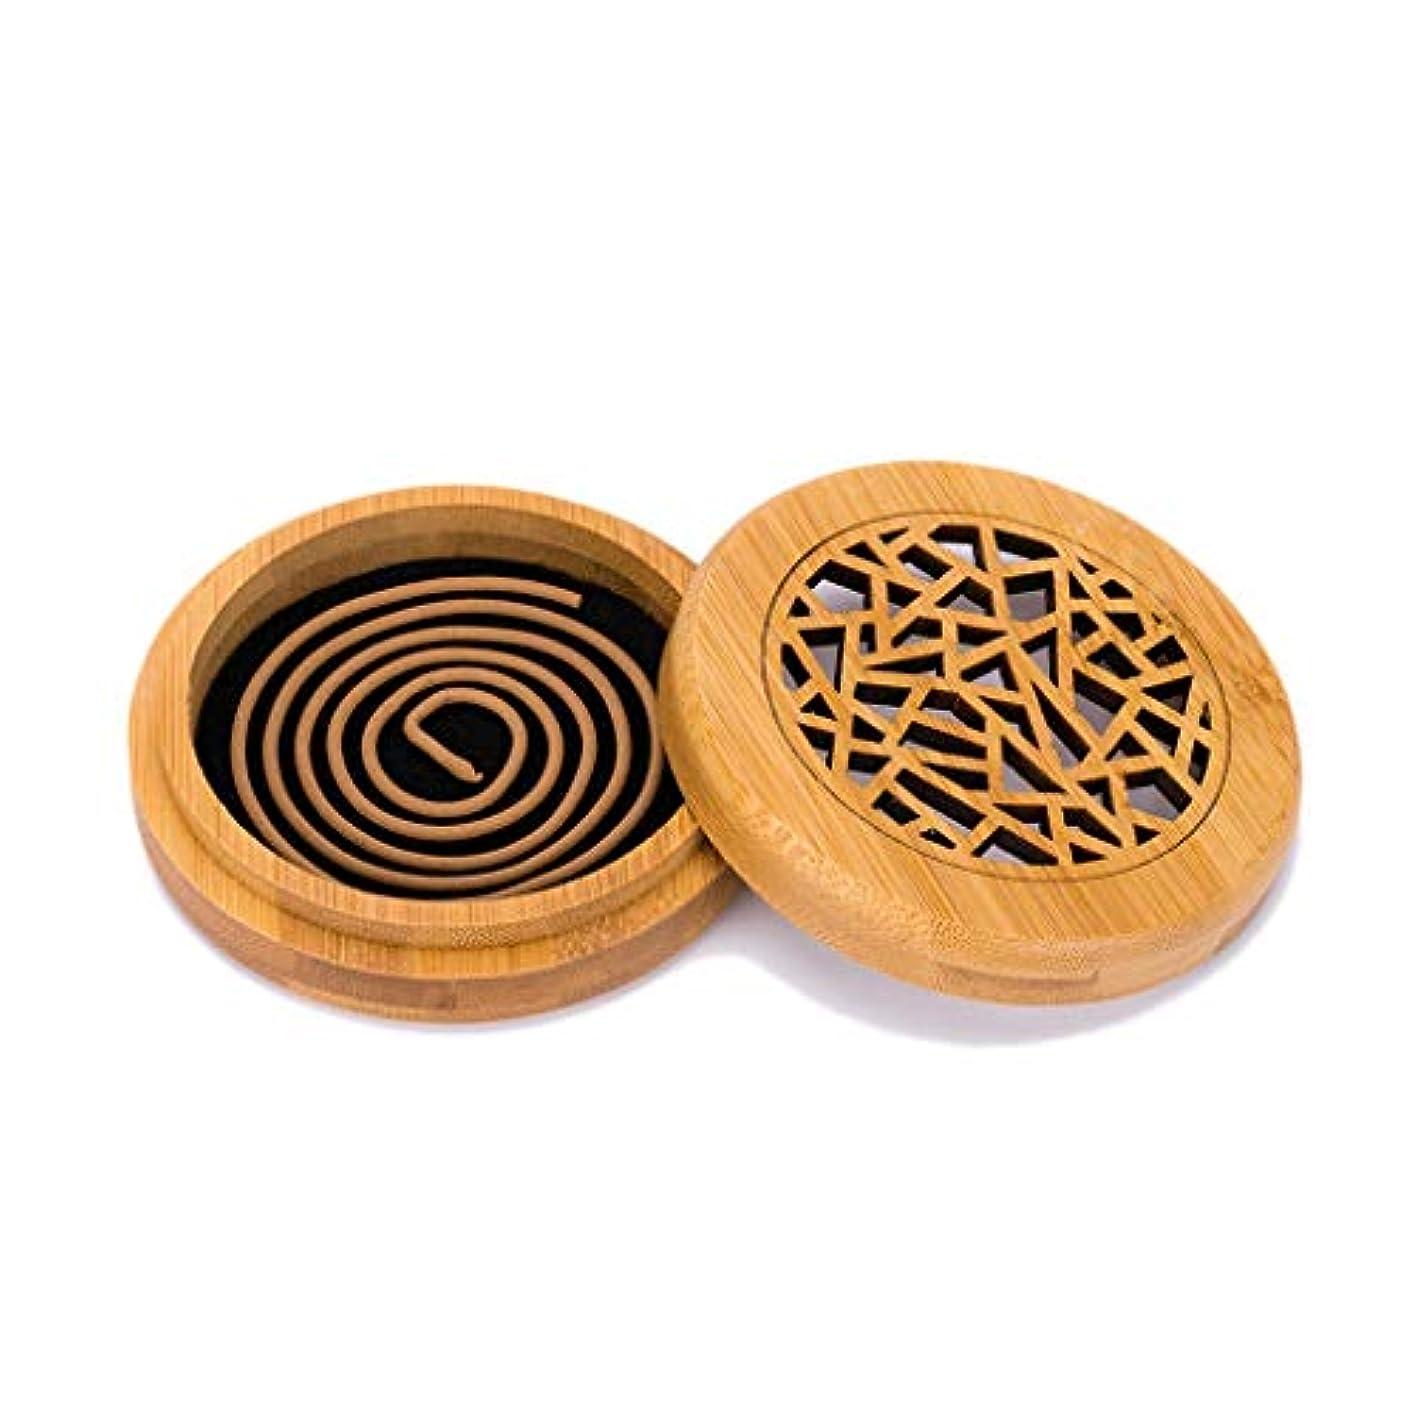 承認する人差し指連邦木製香炉コイル香スティックコーンバーナーホルダー部屋の装飾瞑想竹アッシュキャッチャー香ホルダー (Color : Wood, サイズ : Round)